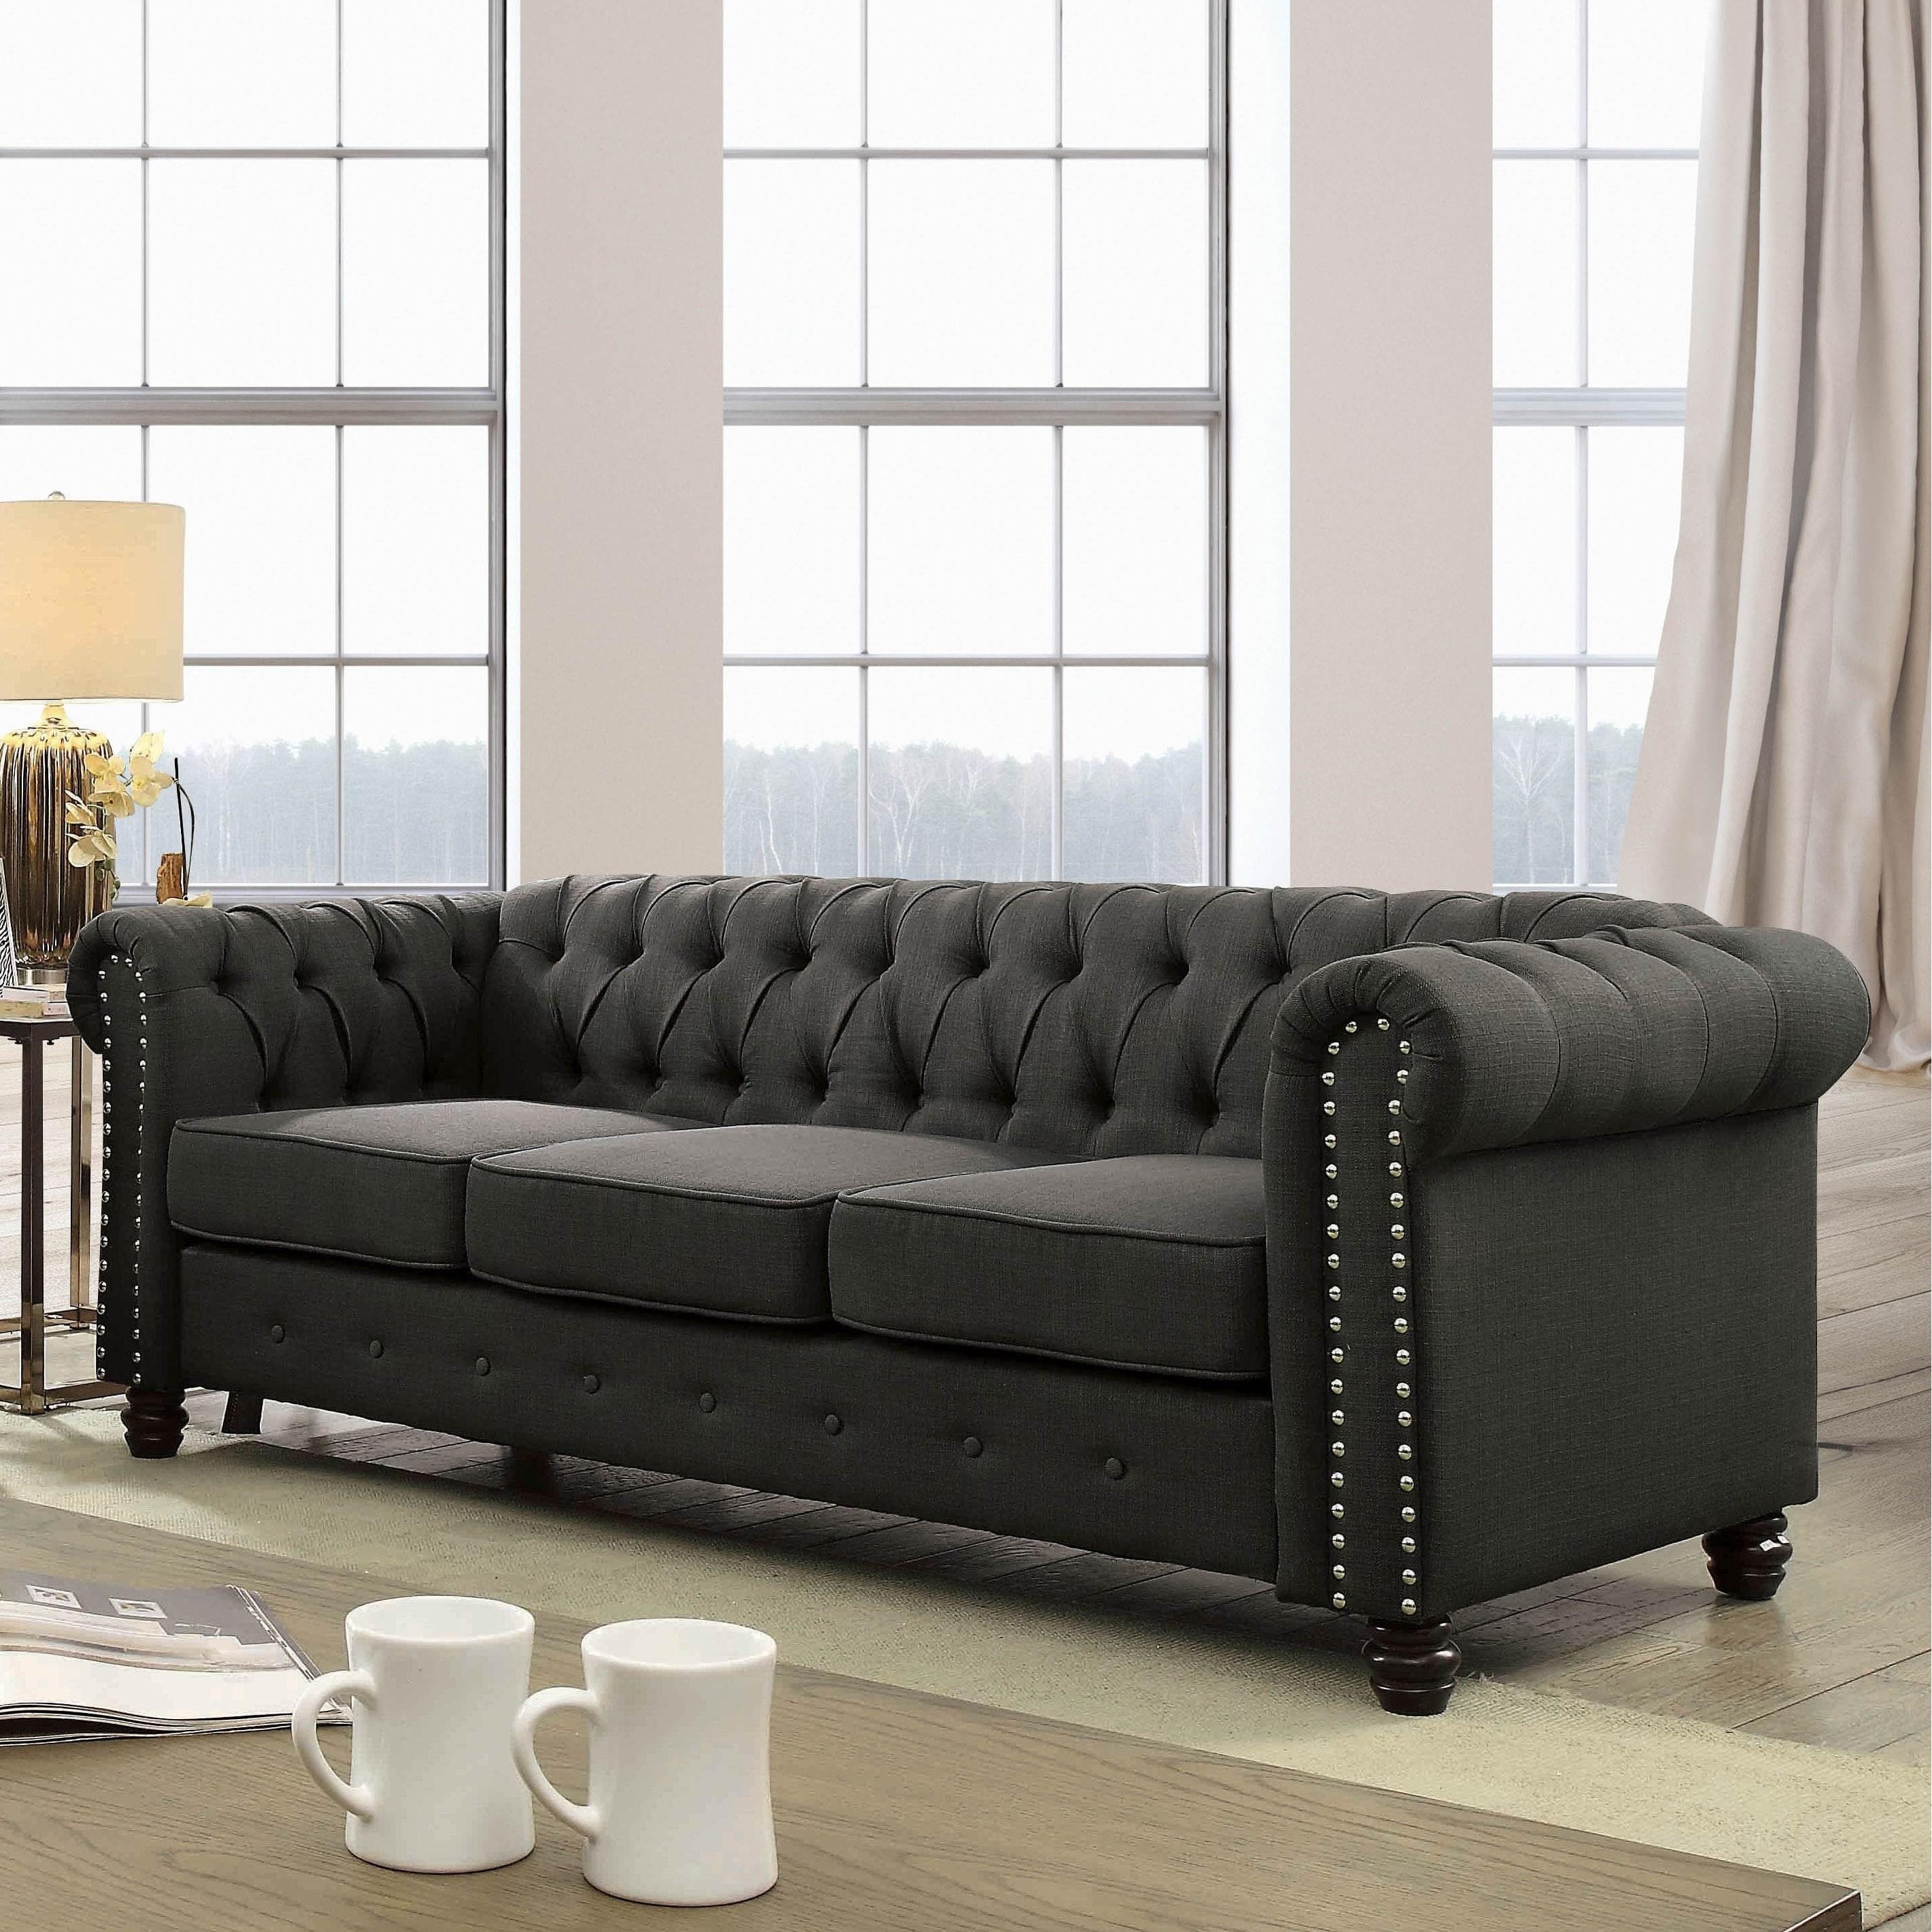 Furniture Of America Kevi